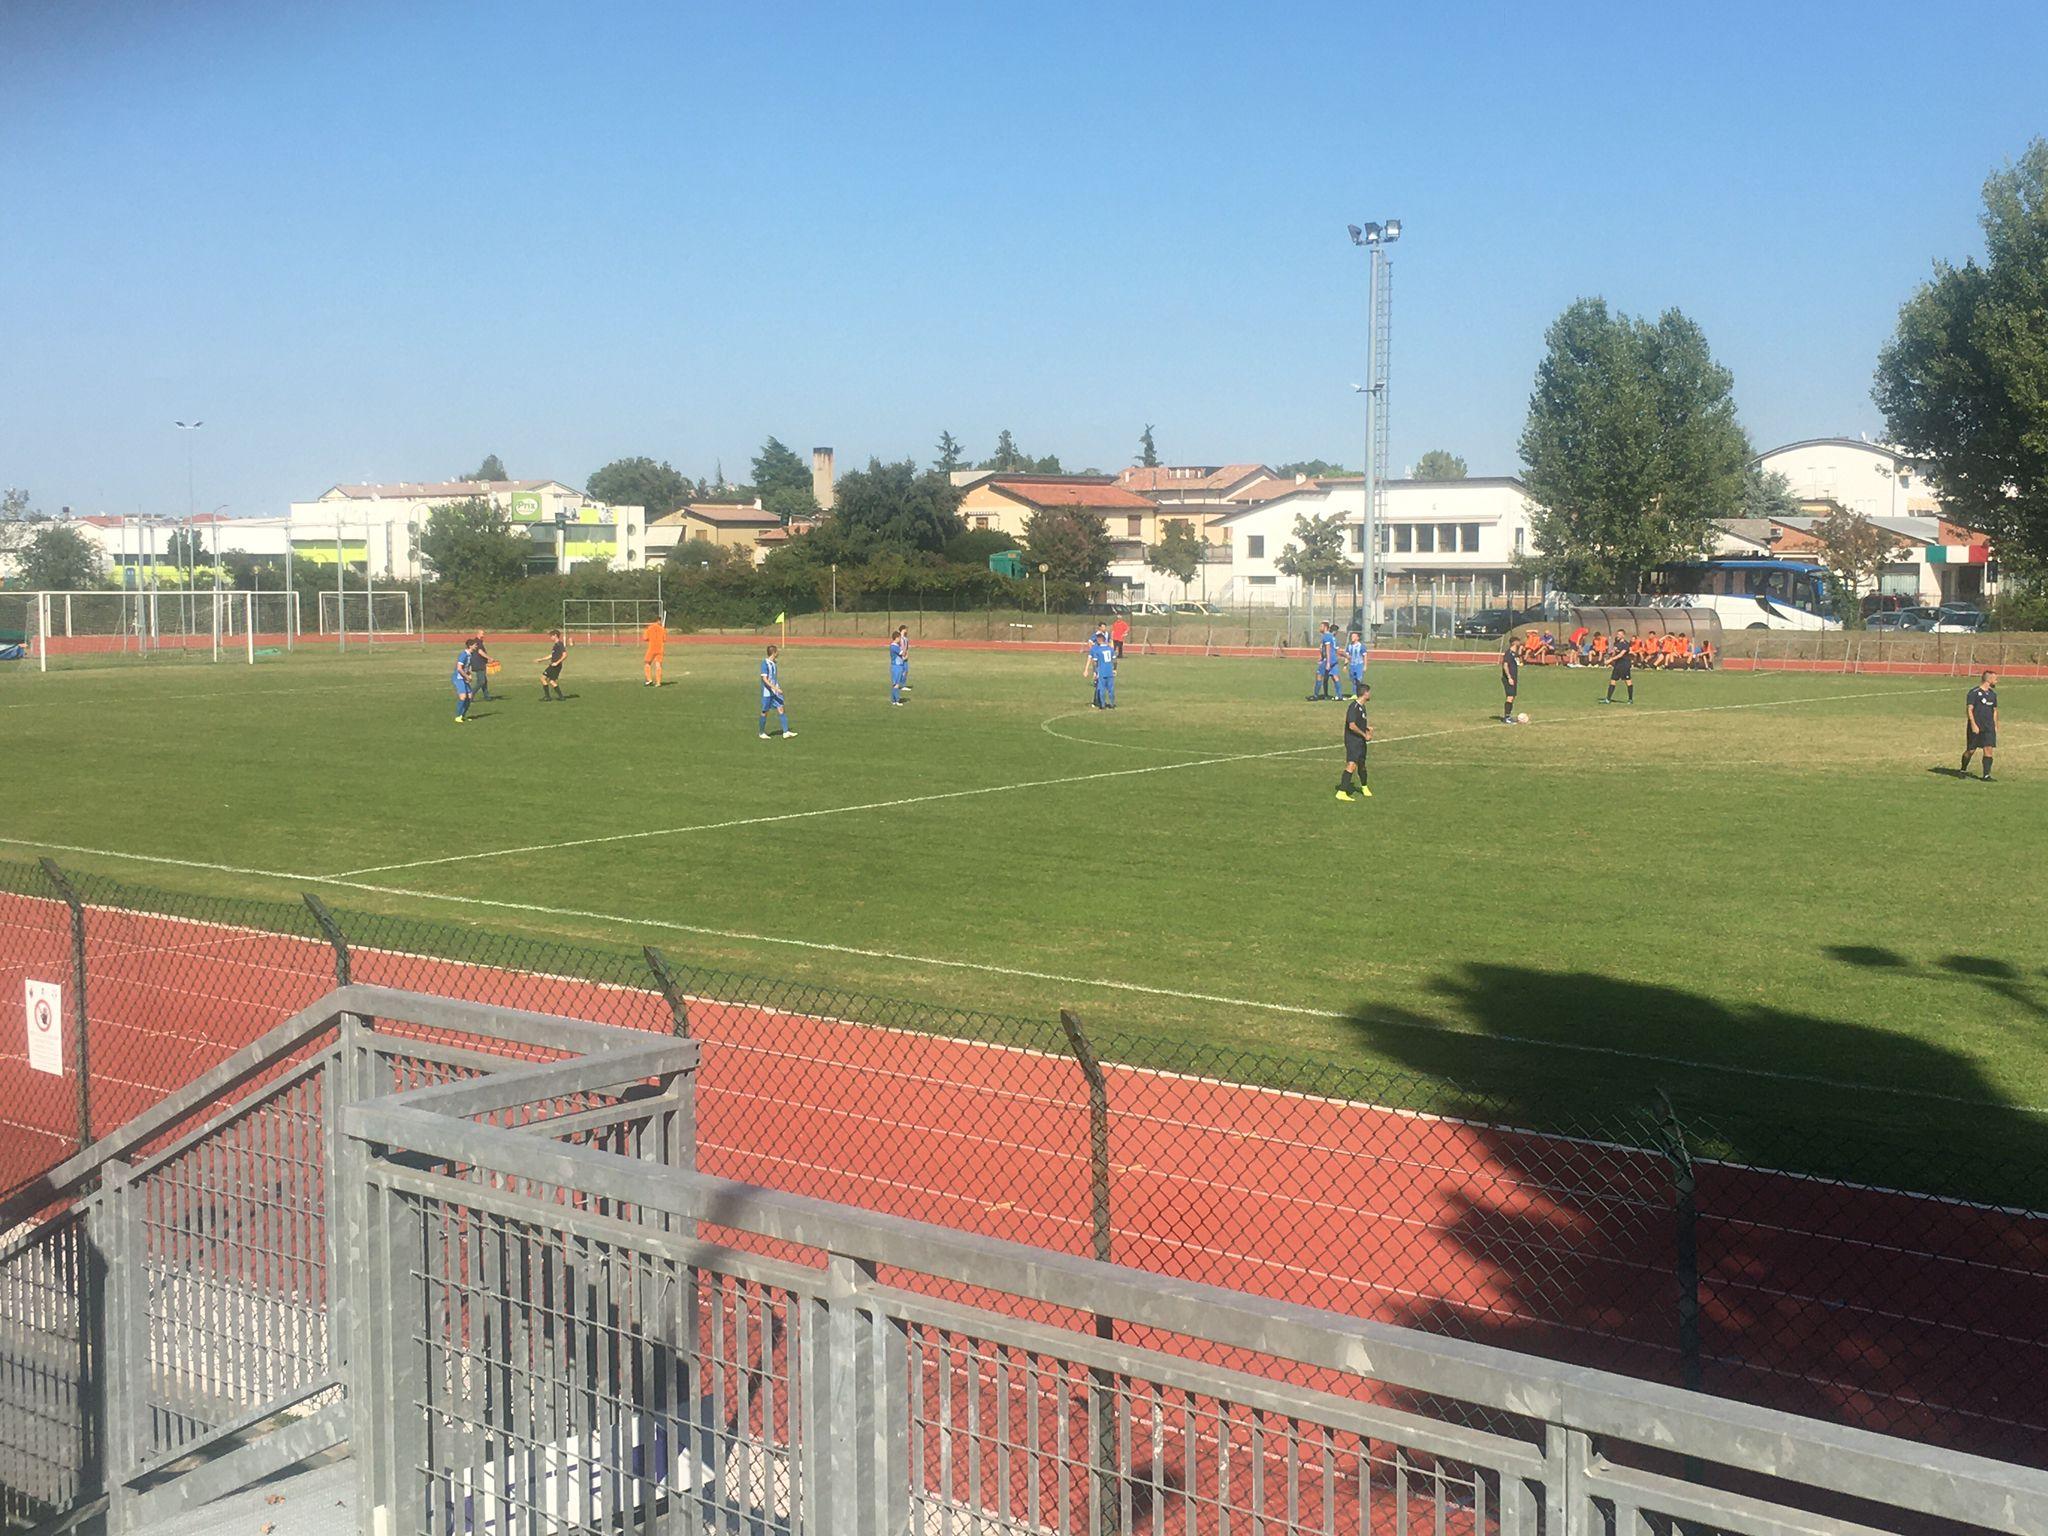 You are currently viewing Ciucur firma la prima vittoria stagionale del Goc: 1 a 0 al Ballò